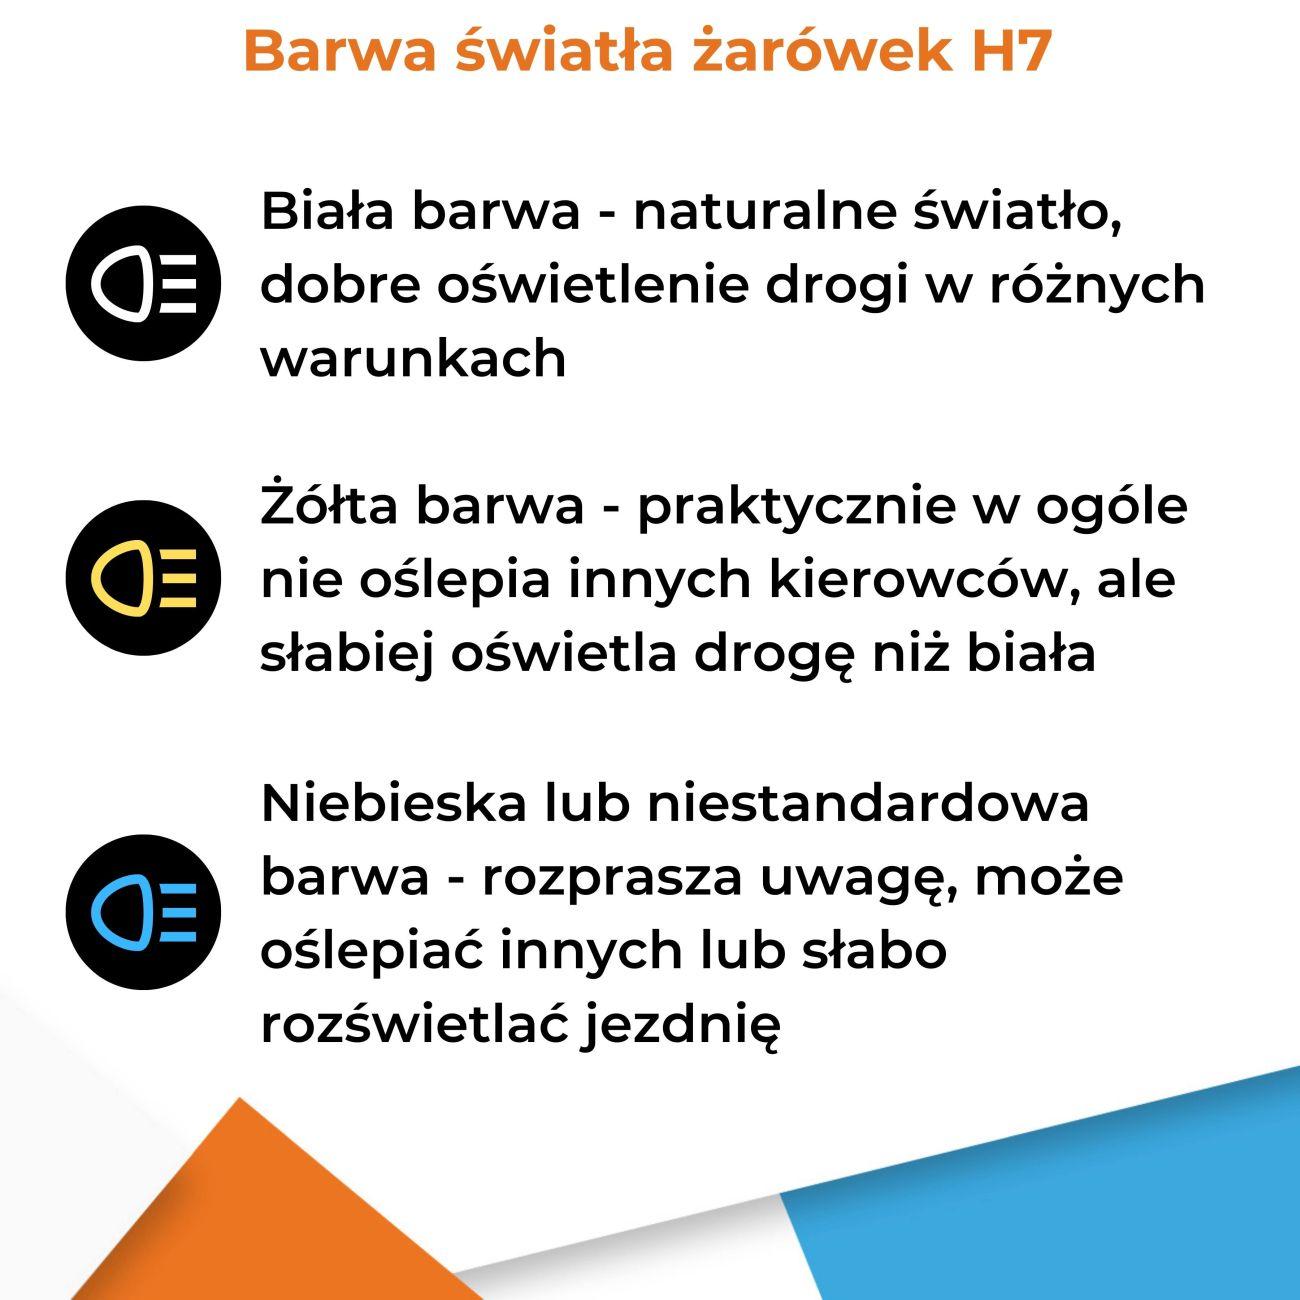 Barwa światła żarówek H7 - która najlepsza? Infografika